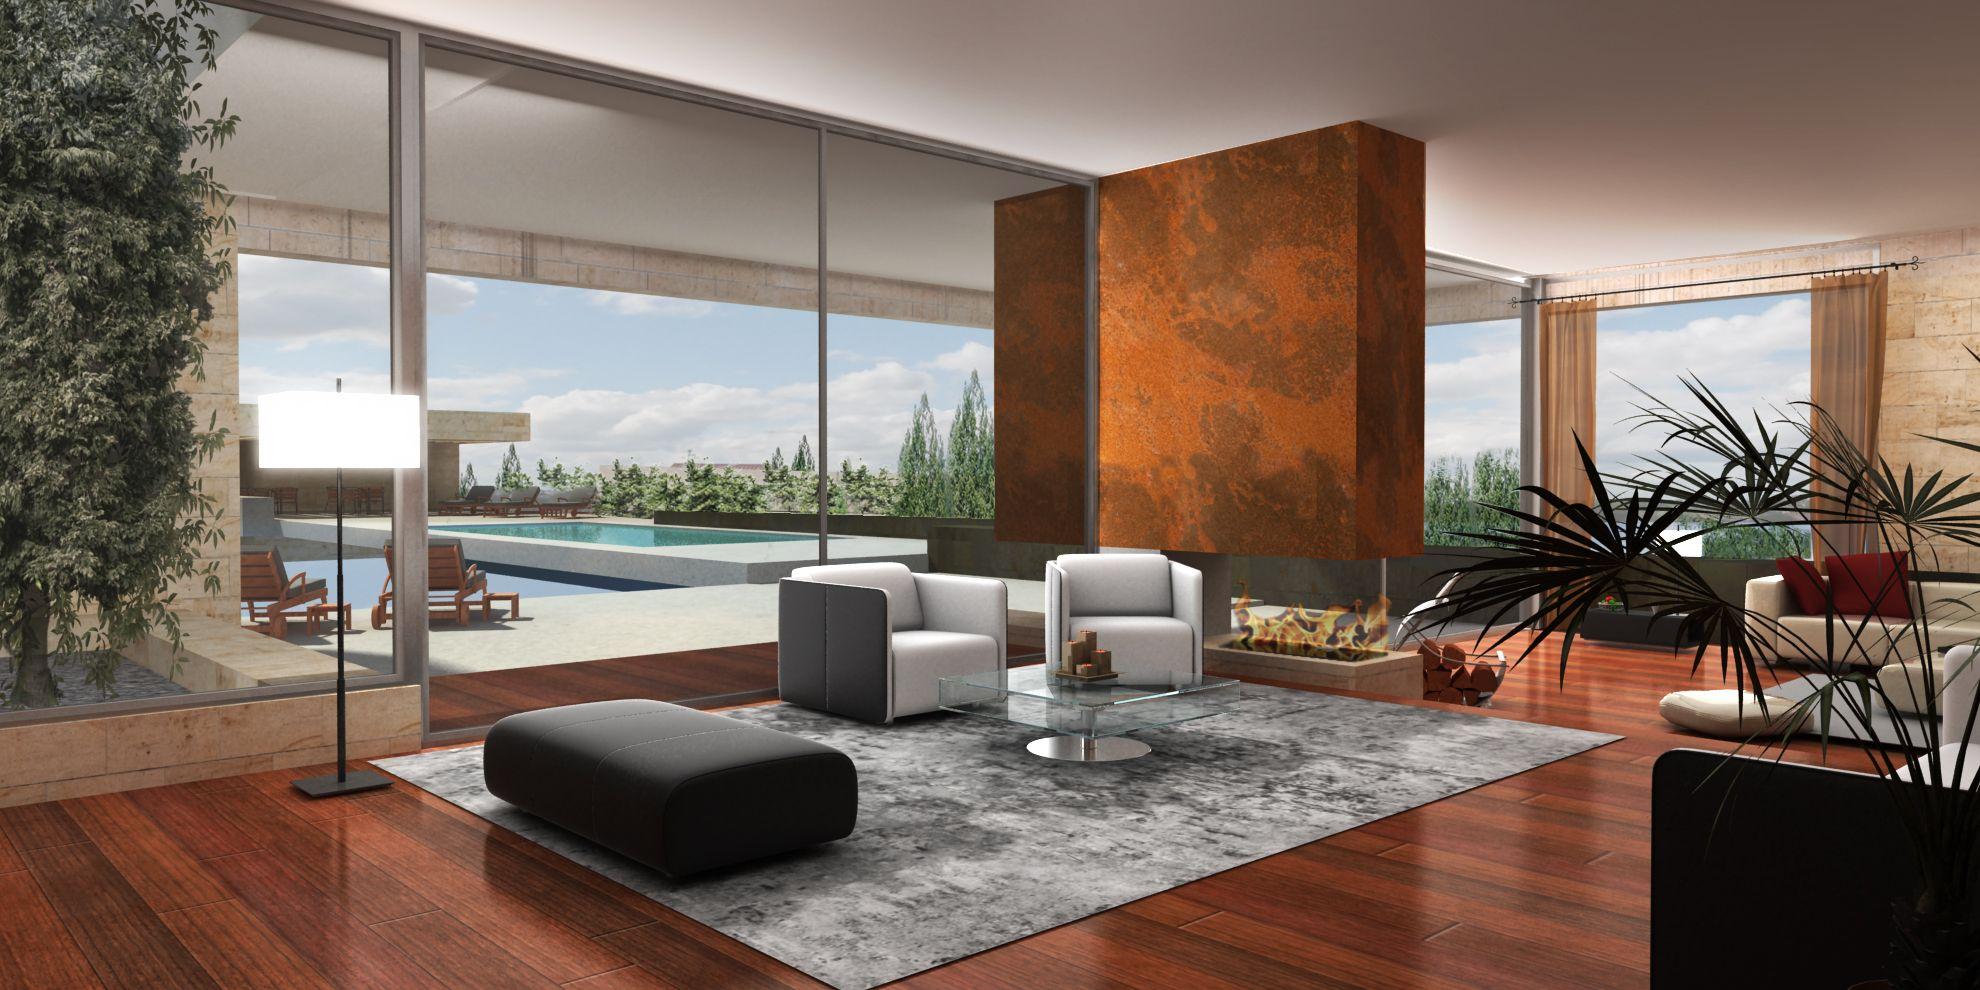 Imagenes de interior de casas modernas google search - Decoraciones de casas modernas ...